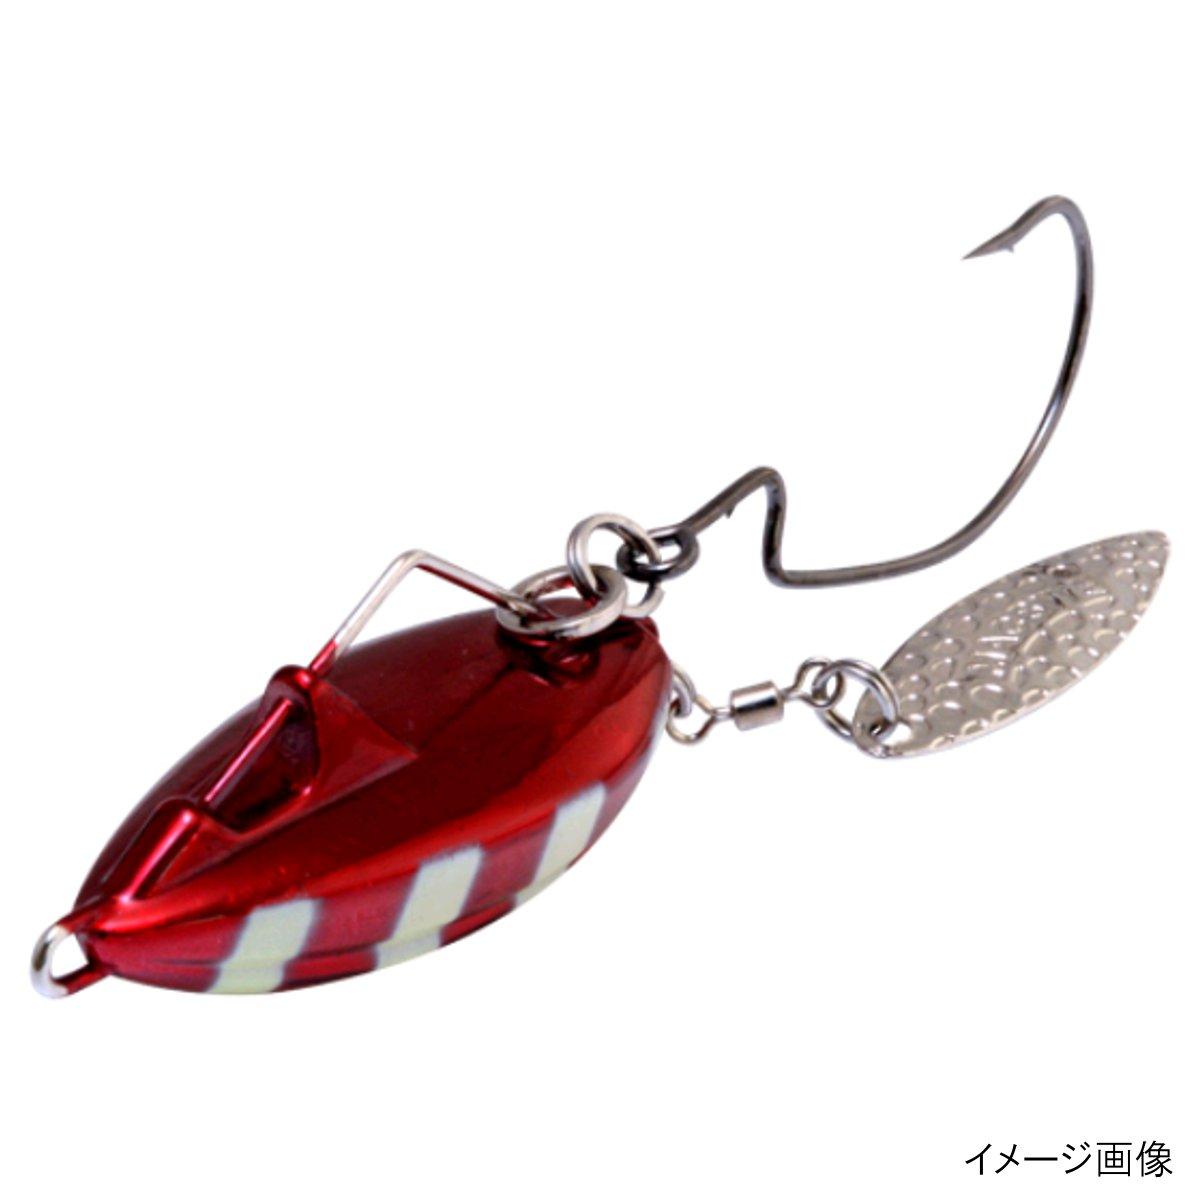 マグバイト バサロHD MBL05 30g 04ZR(ゼブラレッド)(東日本店)